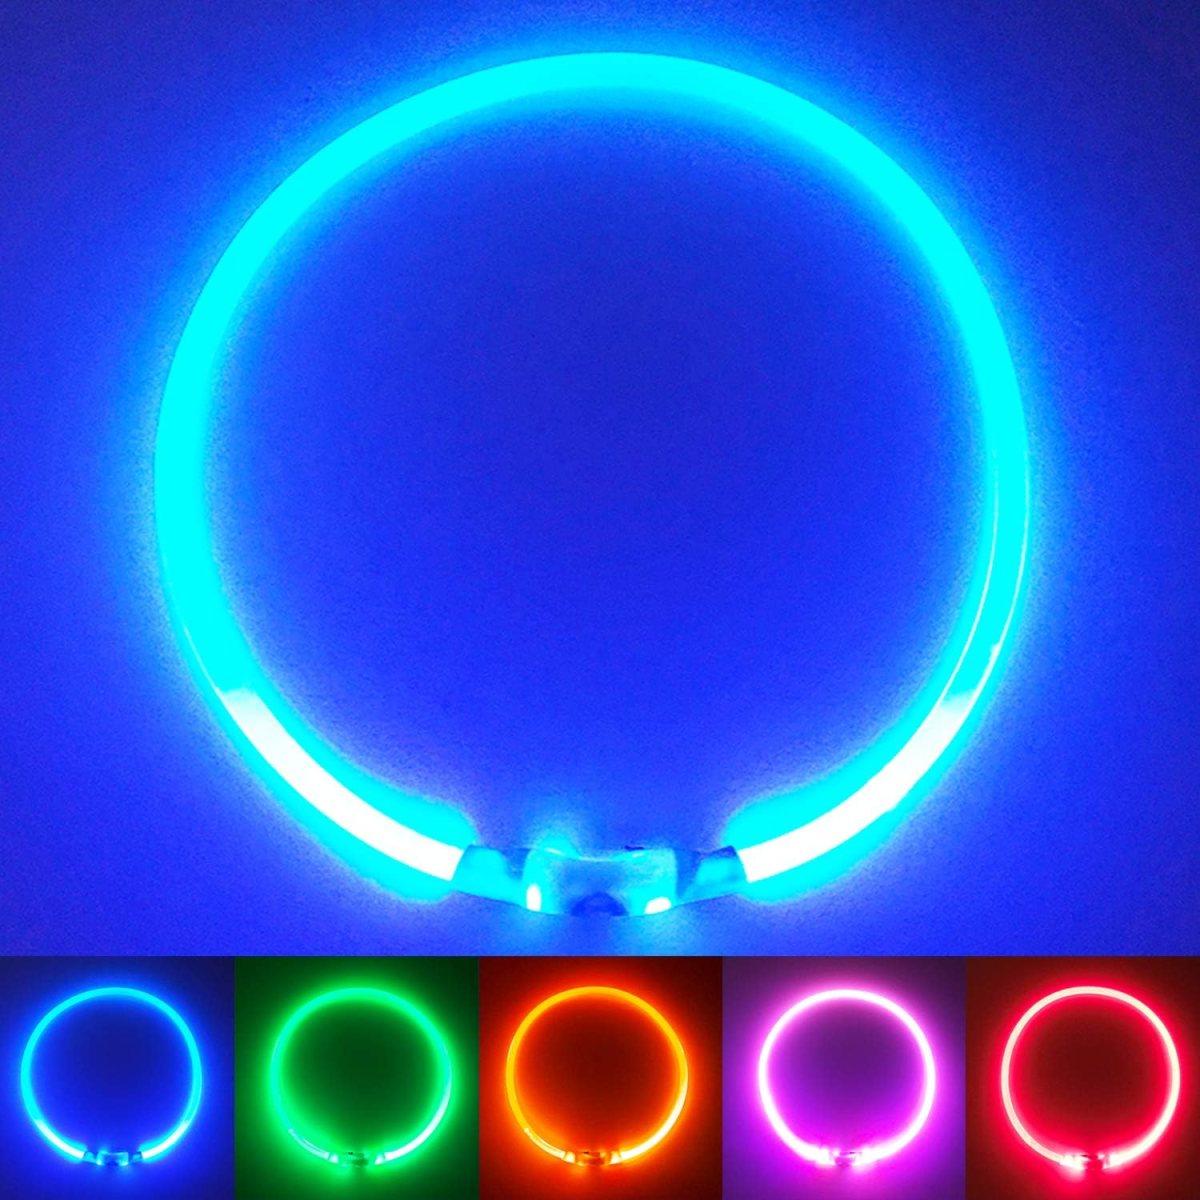 PetSol LED Collar Perro Collar de Seguridad LED Recargable Ultra Luminoso para su Mascota batería de Litio Recargable Mayor Visibilidad y Seguridad Talla única para Todos los Perros y Gatos (Azul)